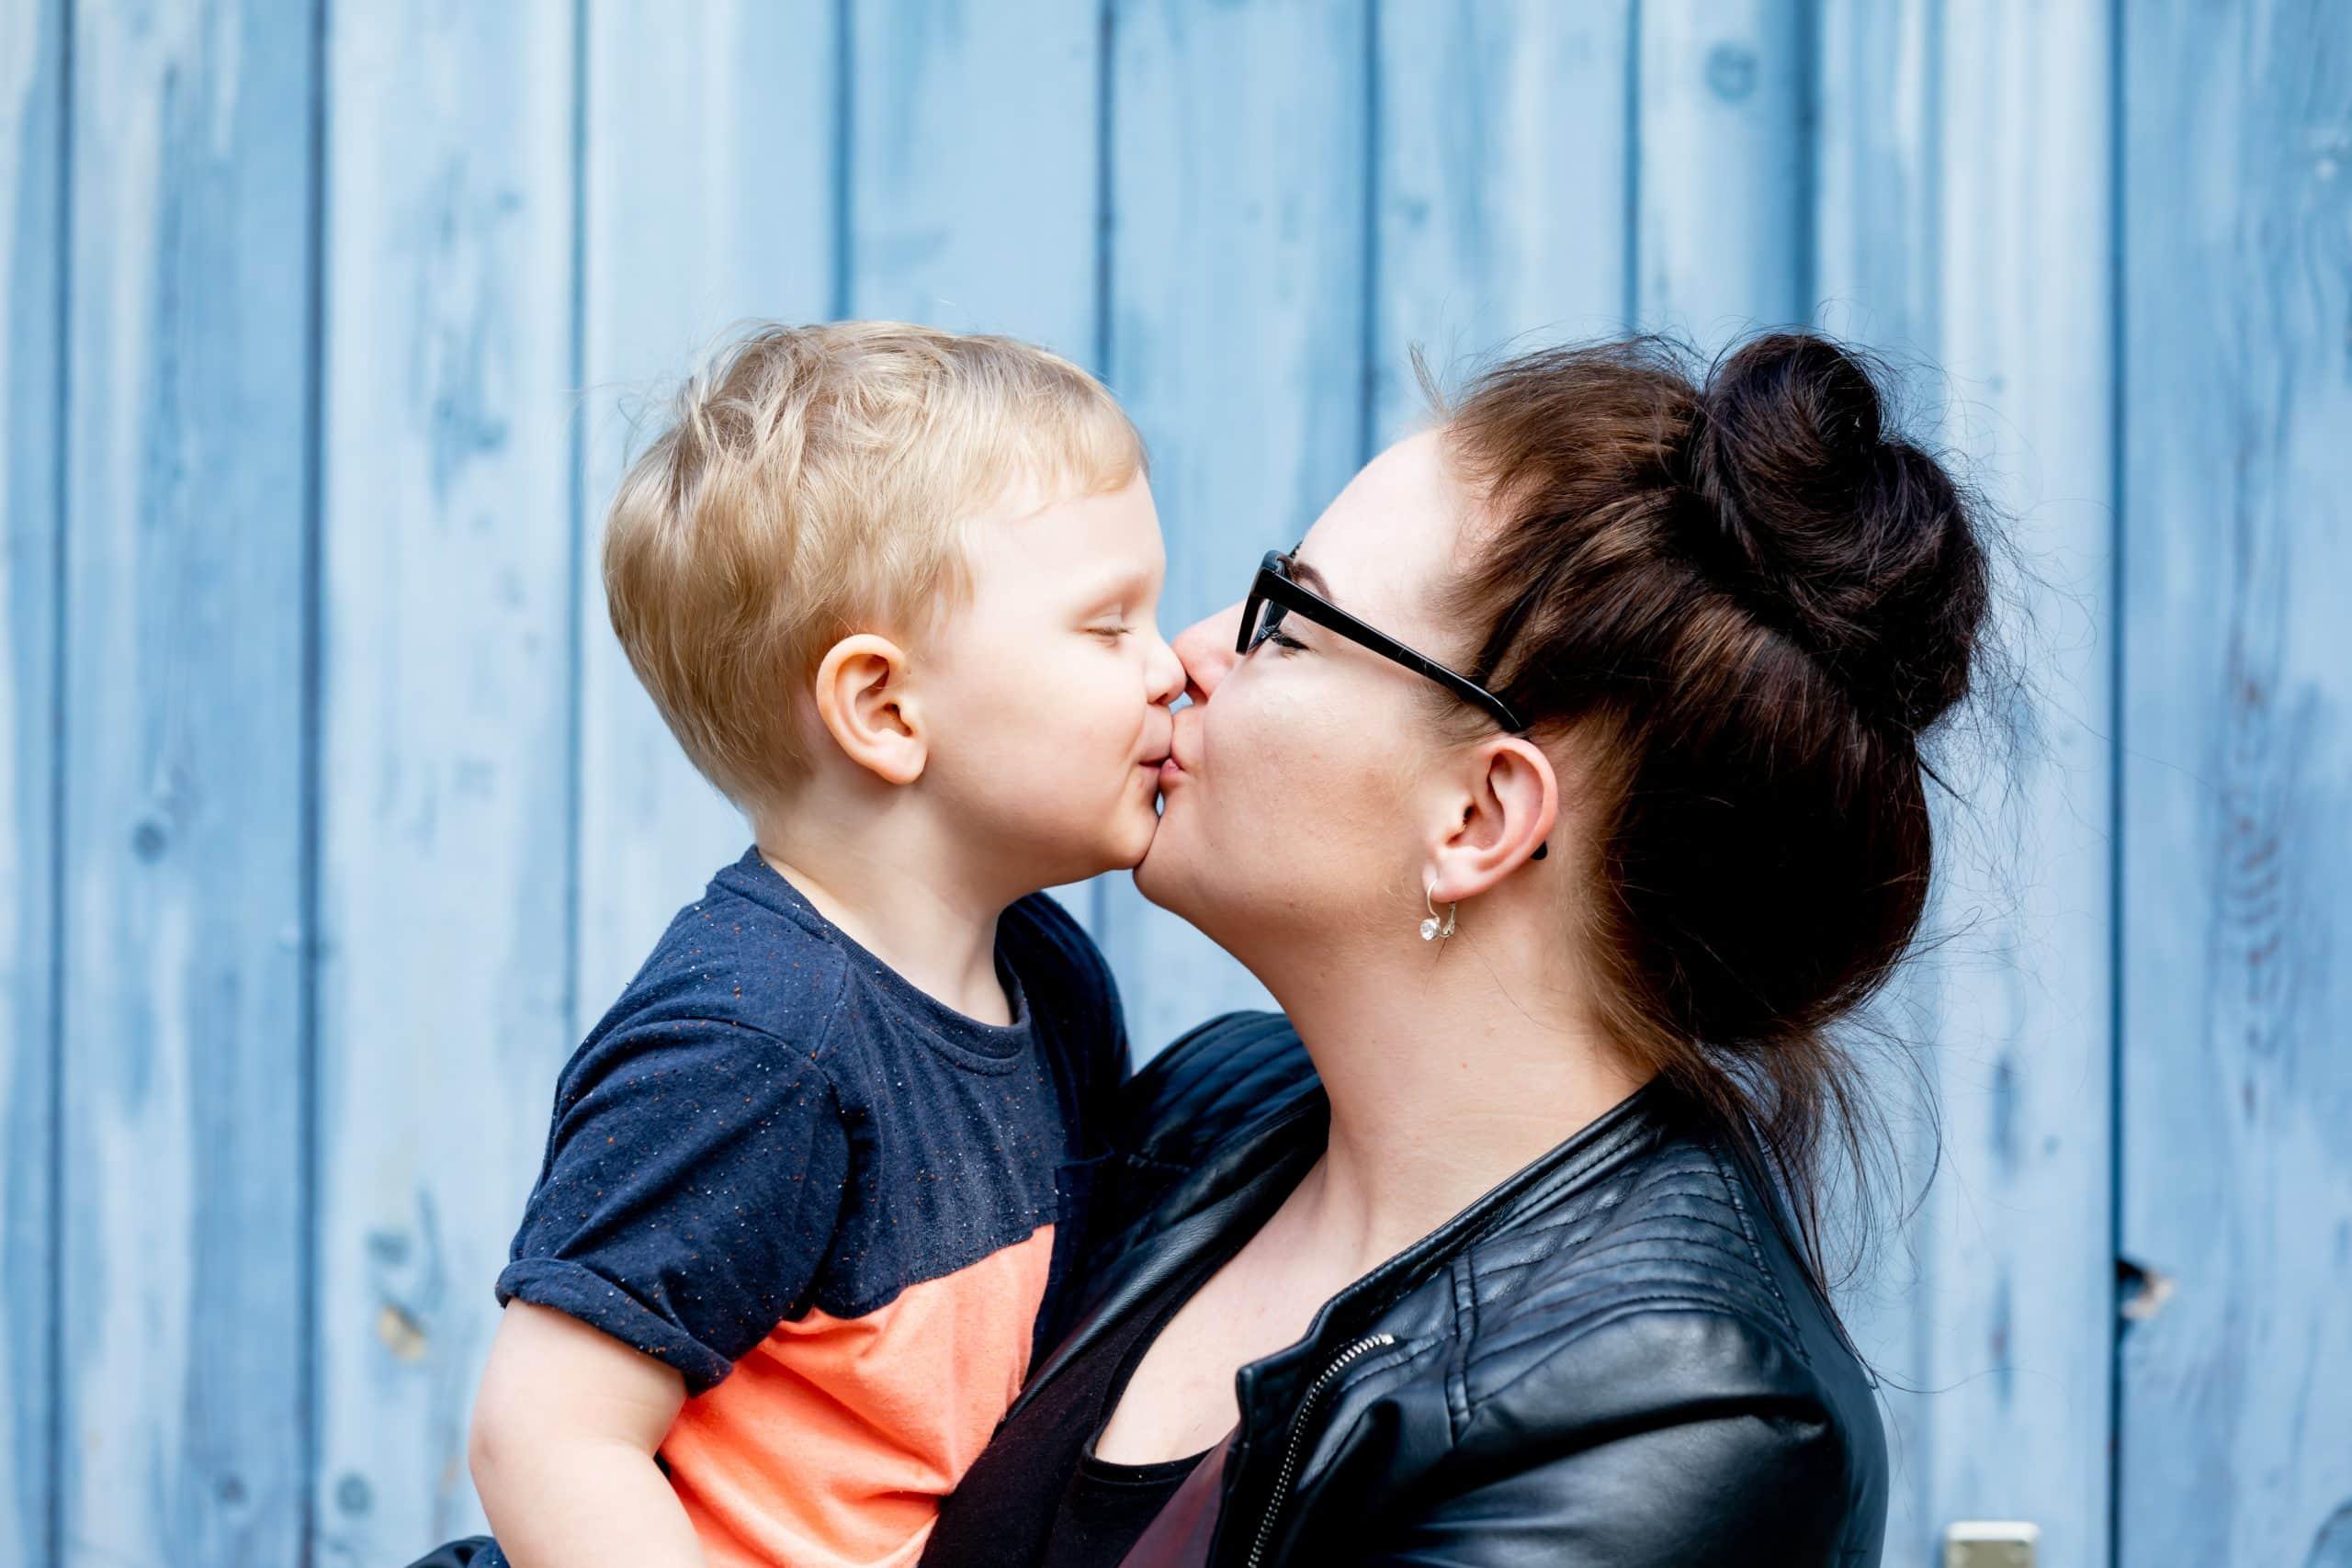 familienfotos-familien-fotograf-fotoshooting